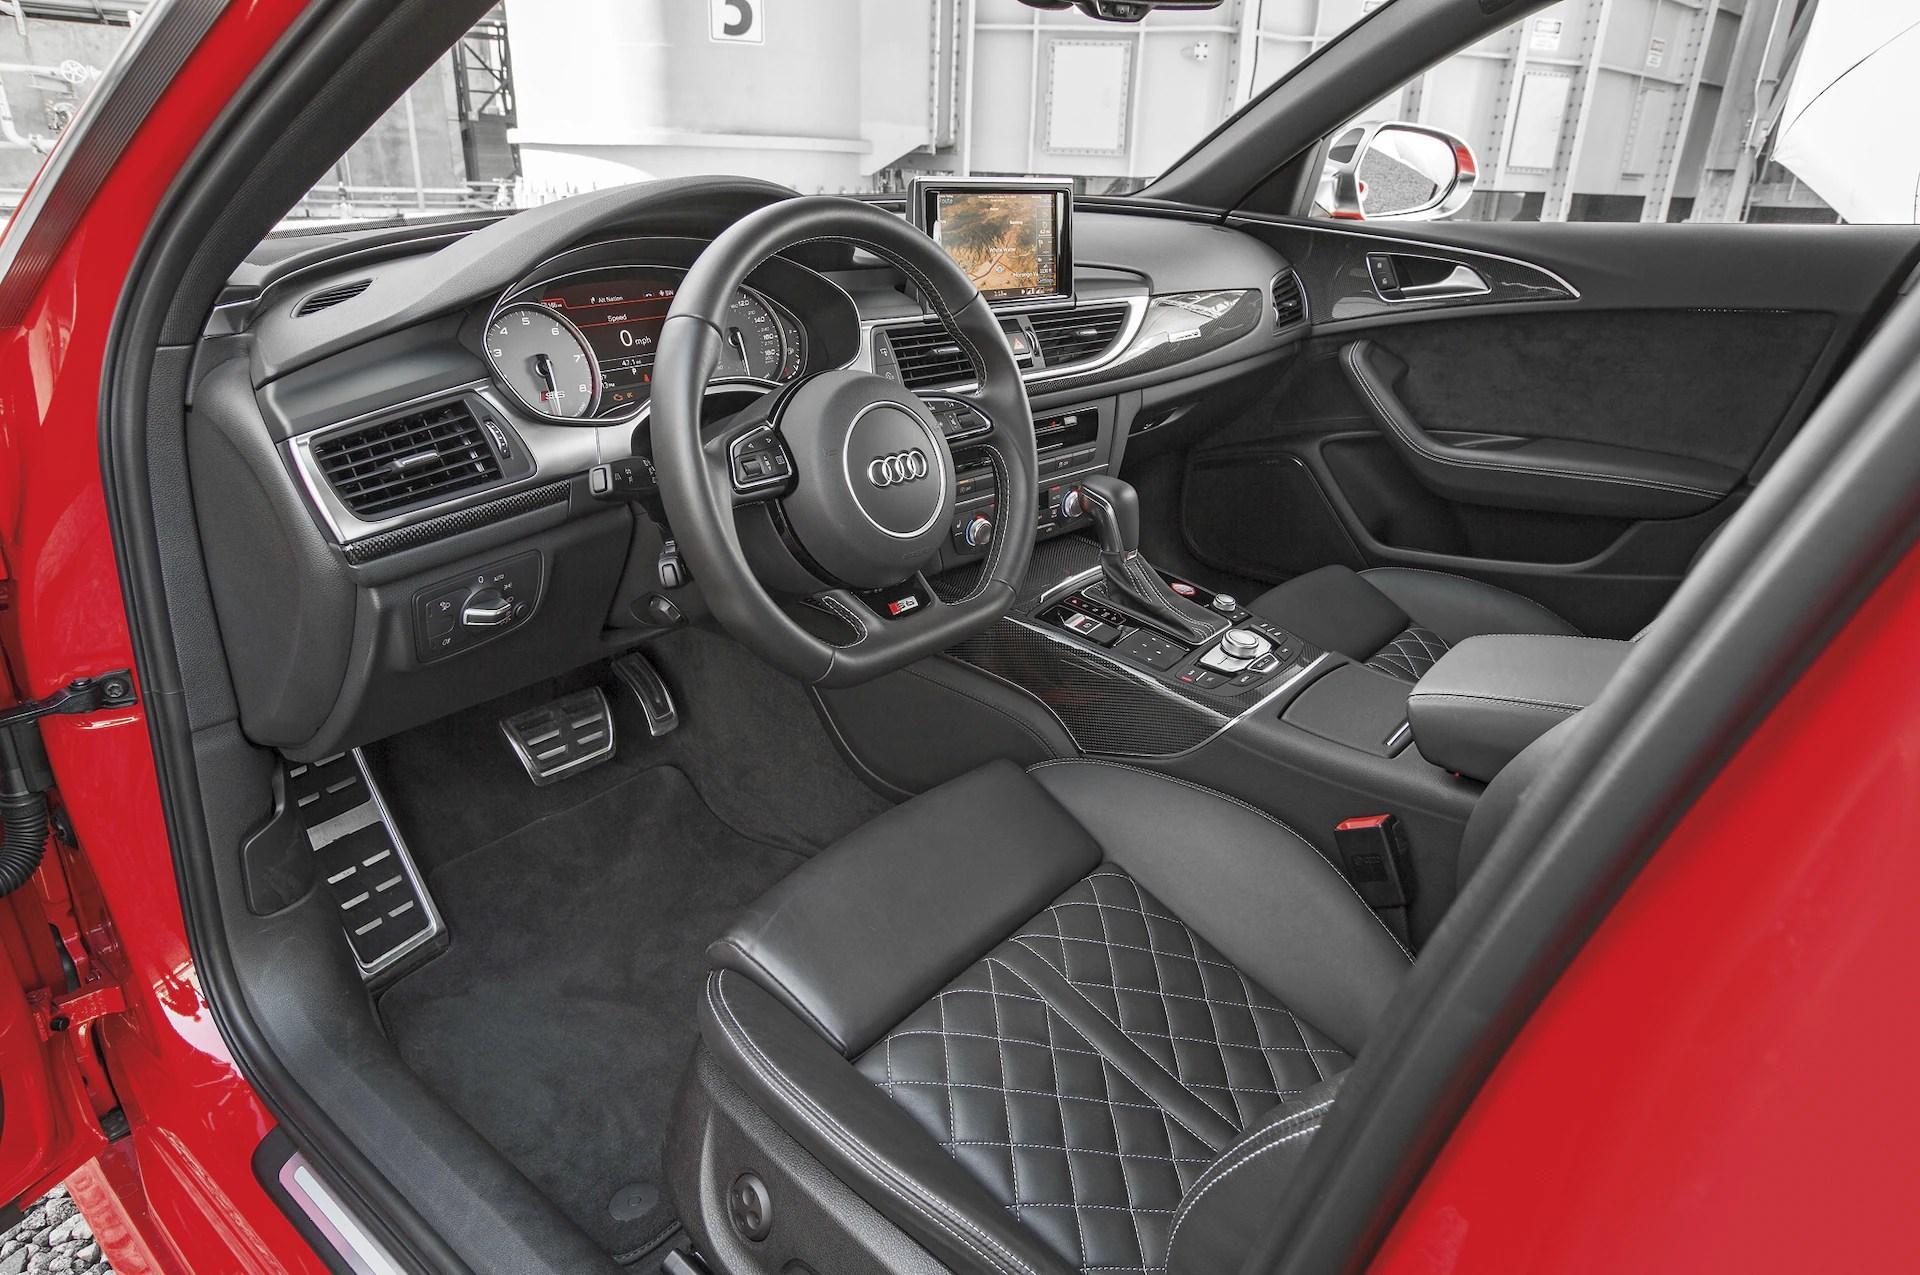 2016 Audi S6 40T Quattro interior